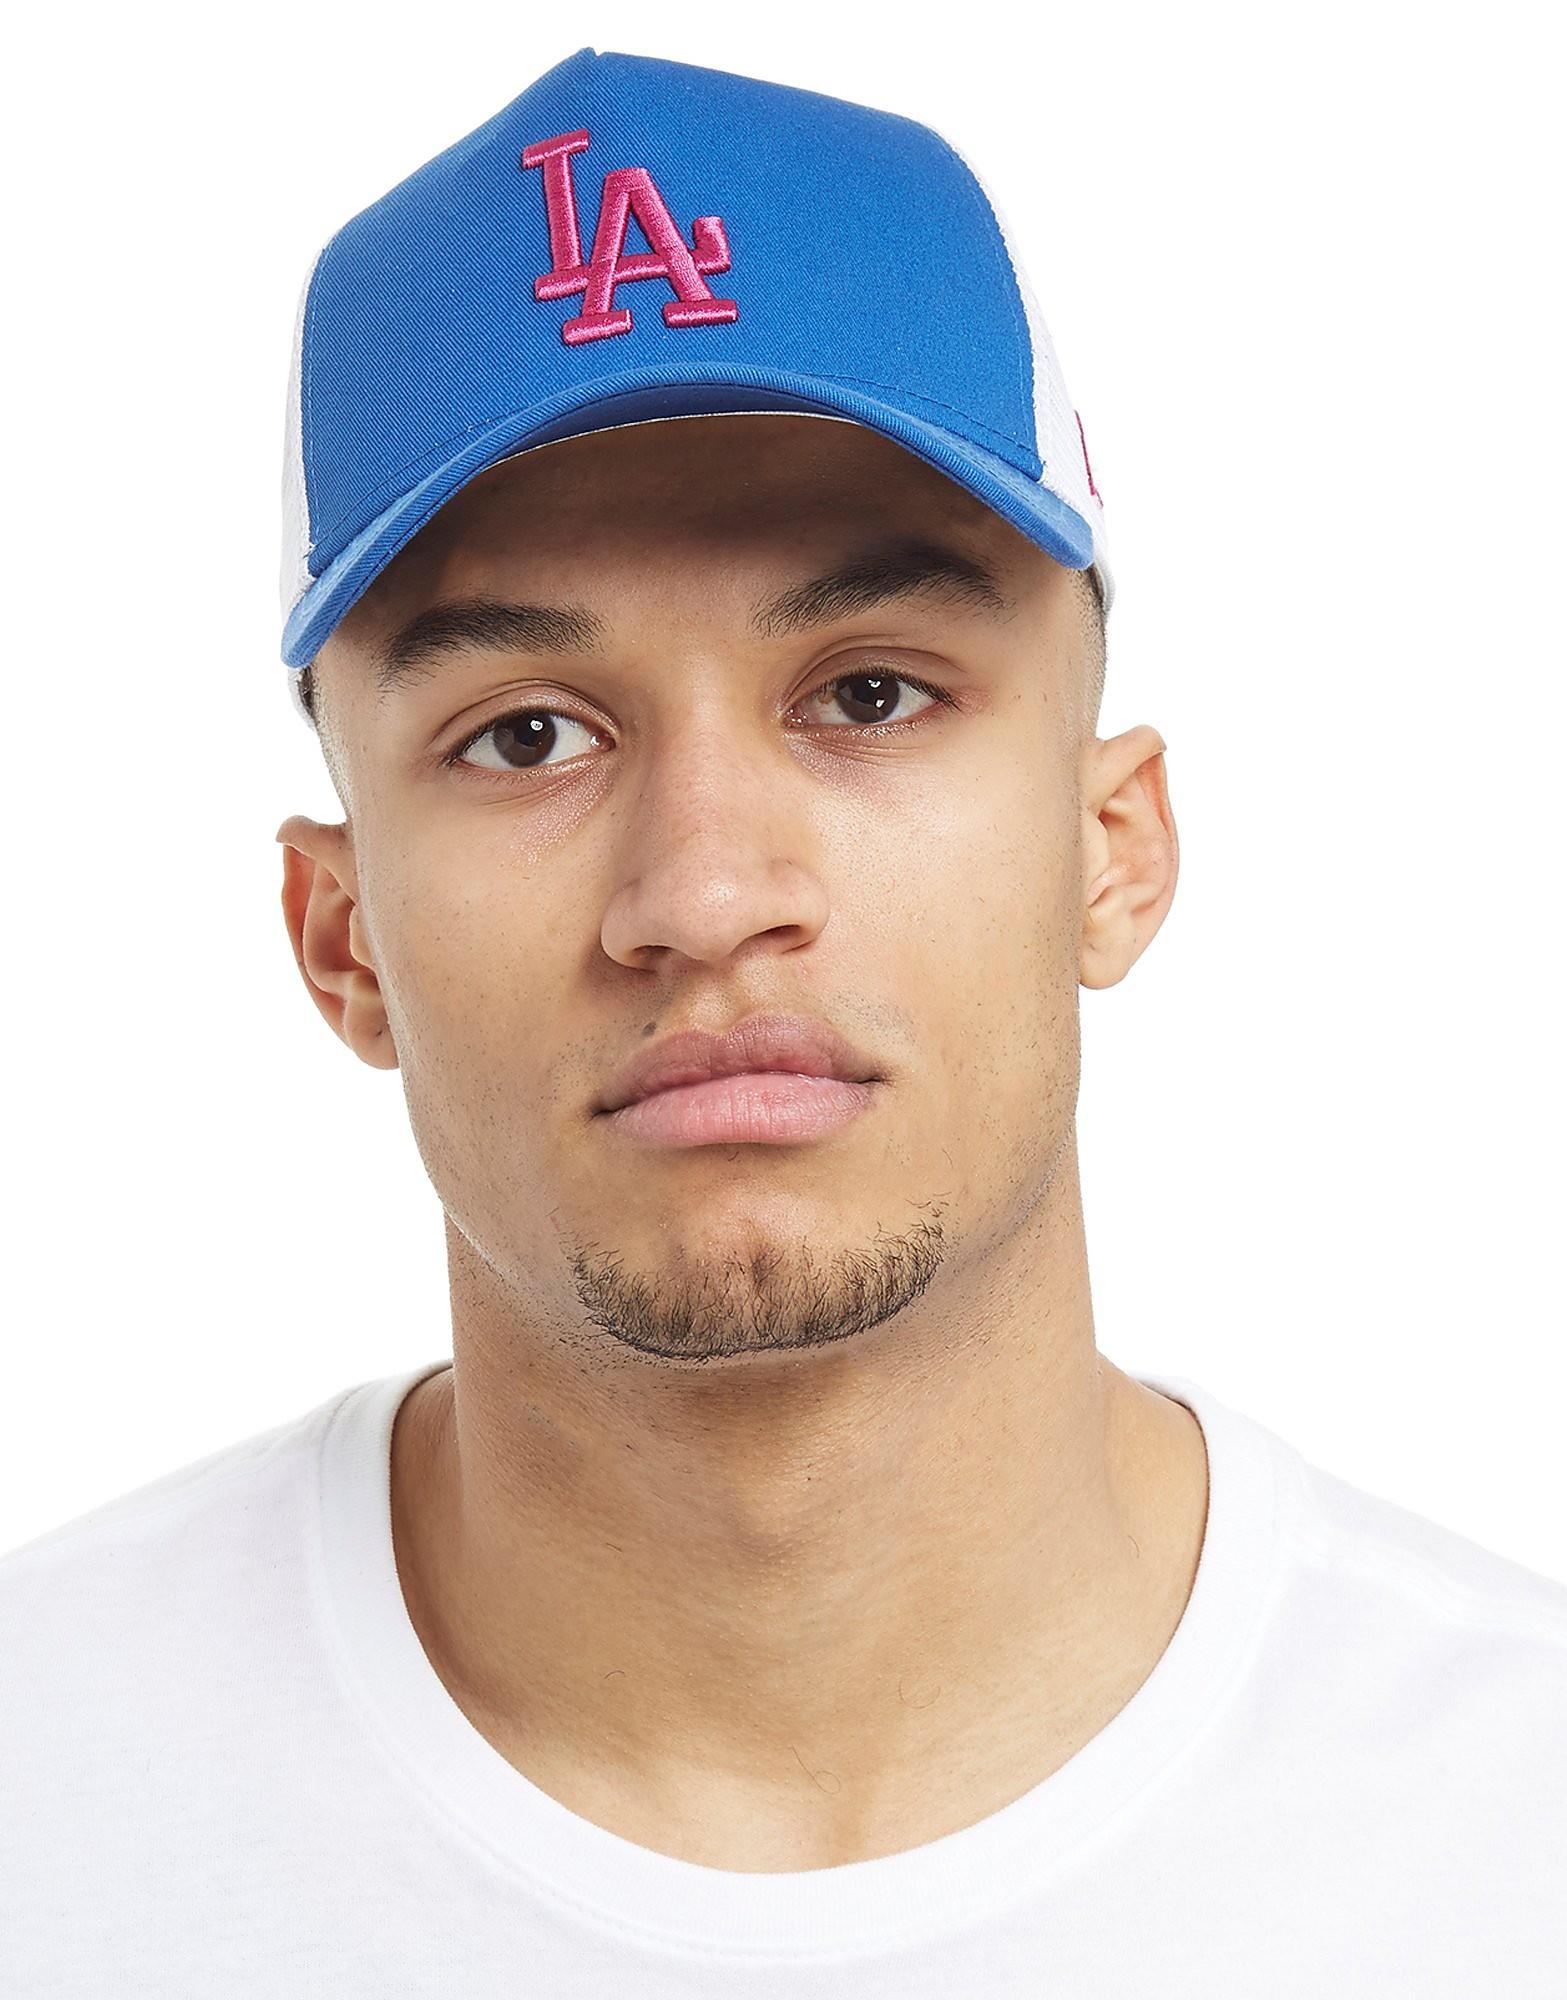 New Era MLB Los Angeles Dodgers Trucker Cap